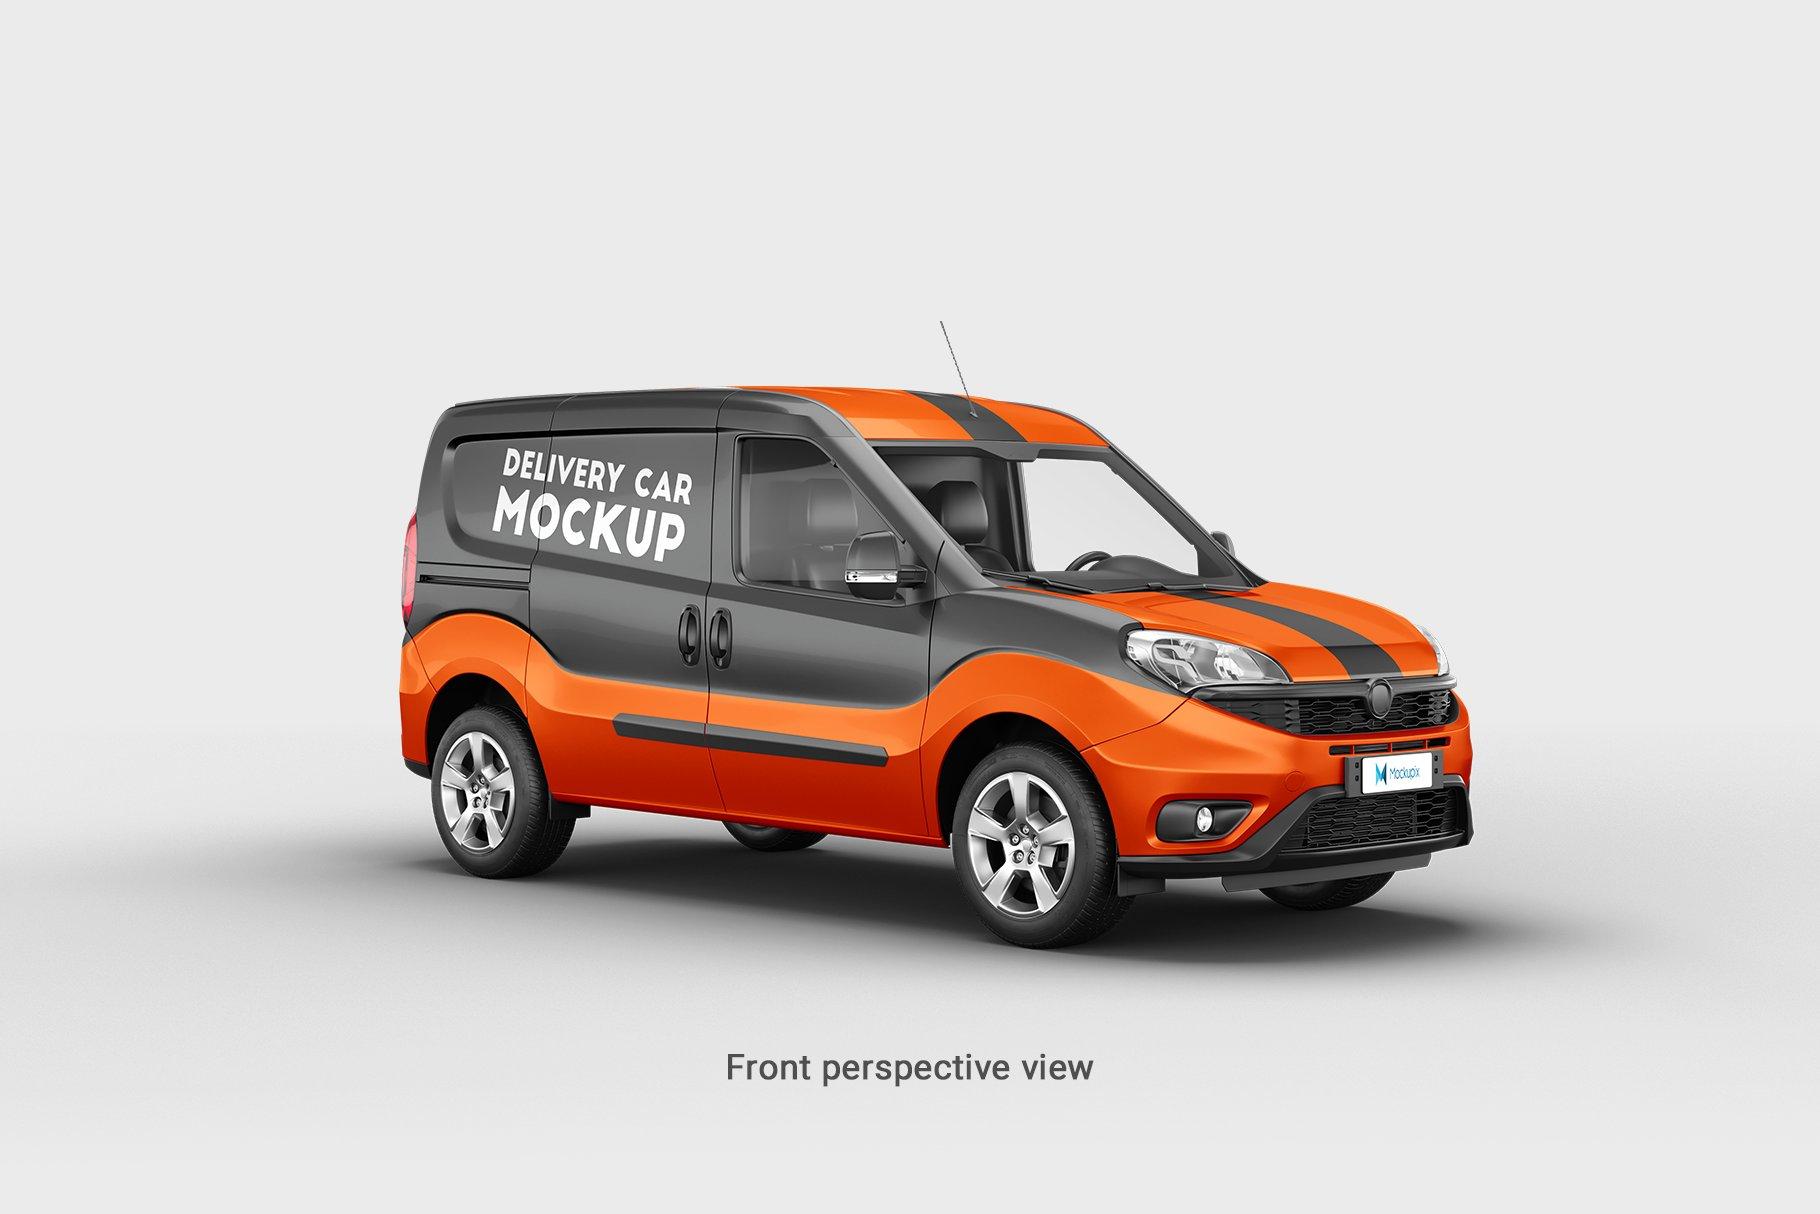 6款面包车小货车车身广告设计展示样机 Delivery Car Mockup 3插图(4)